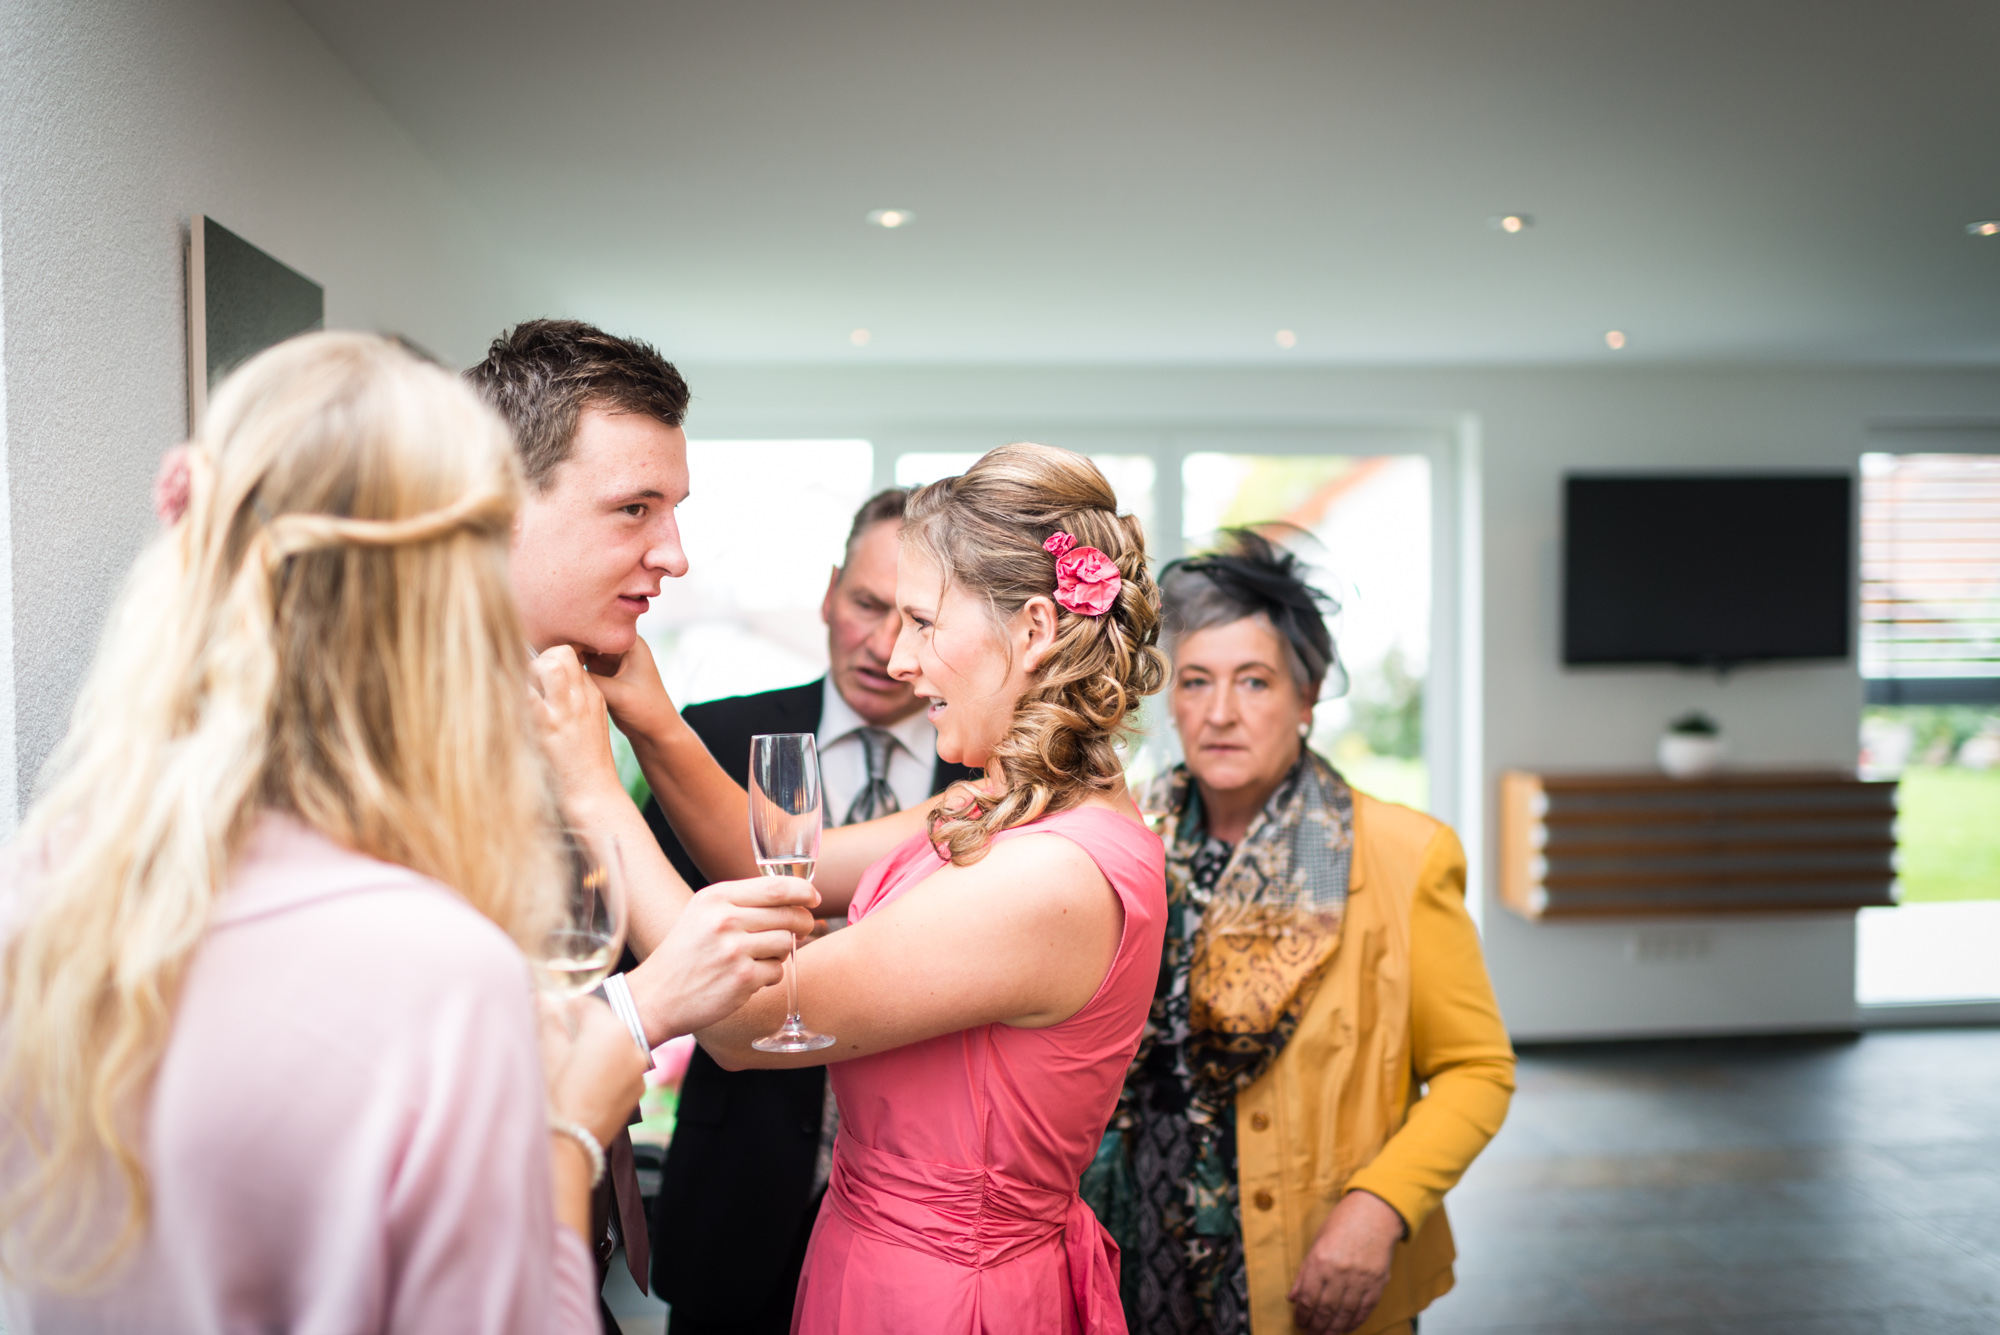 Fotograf Konstanz - Als Hochzeitsfotograf in Bad Dürrheim unterwegs  - 8 -